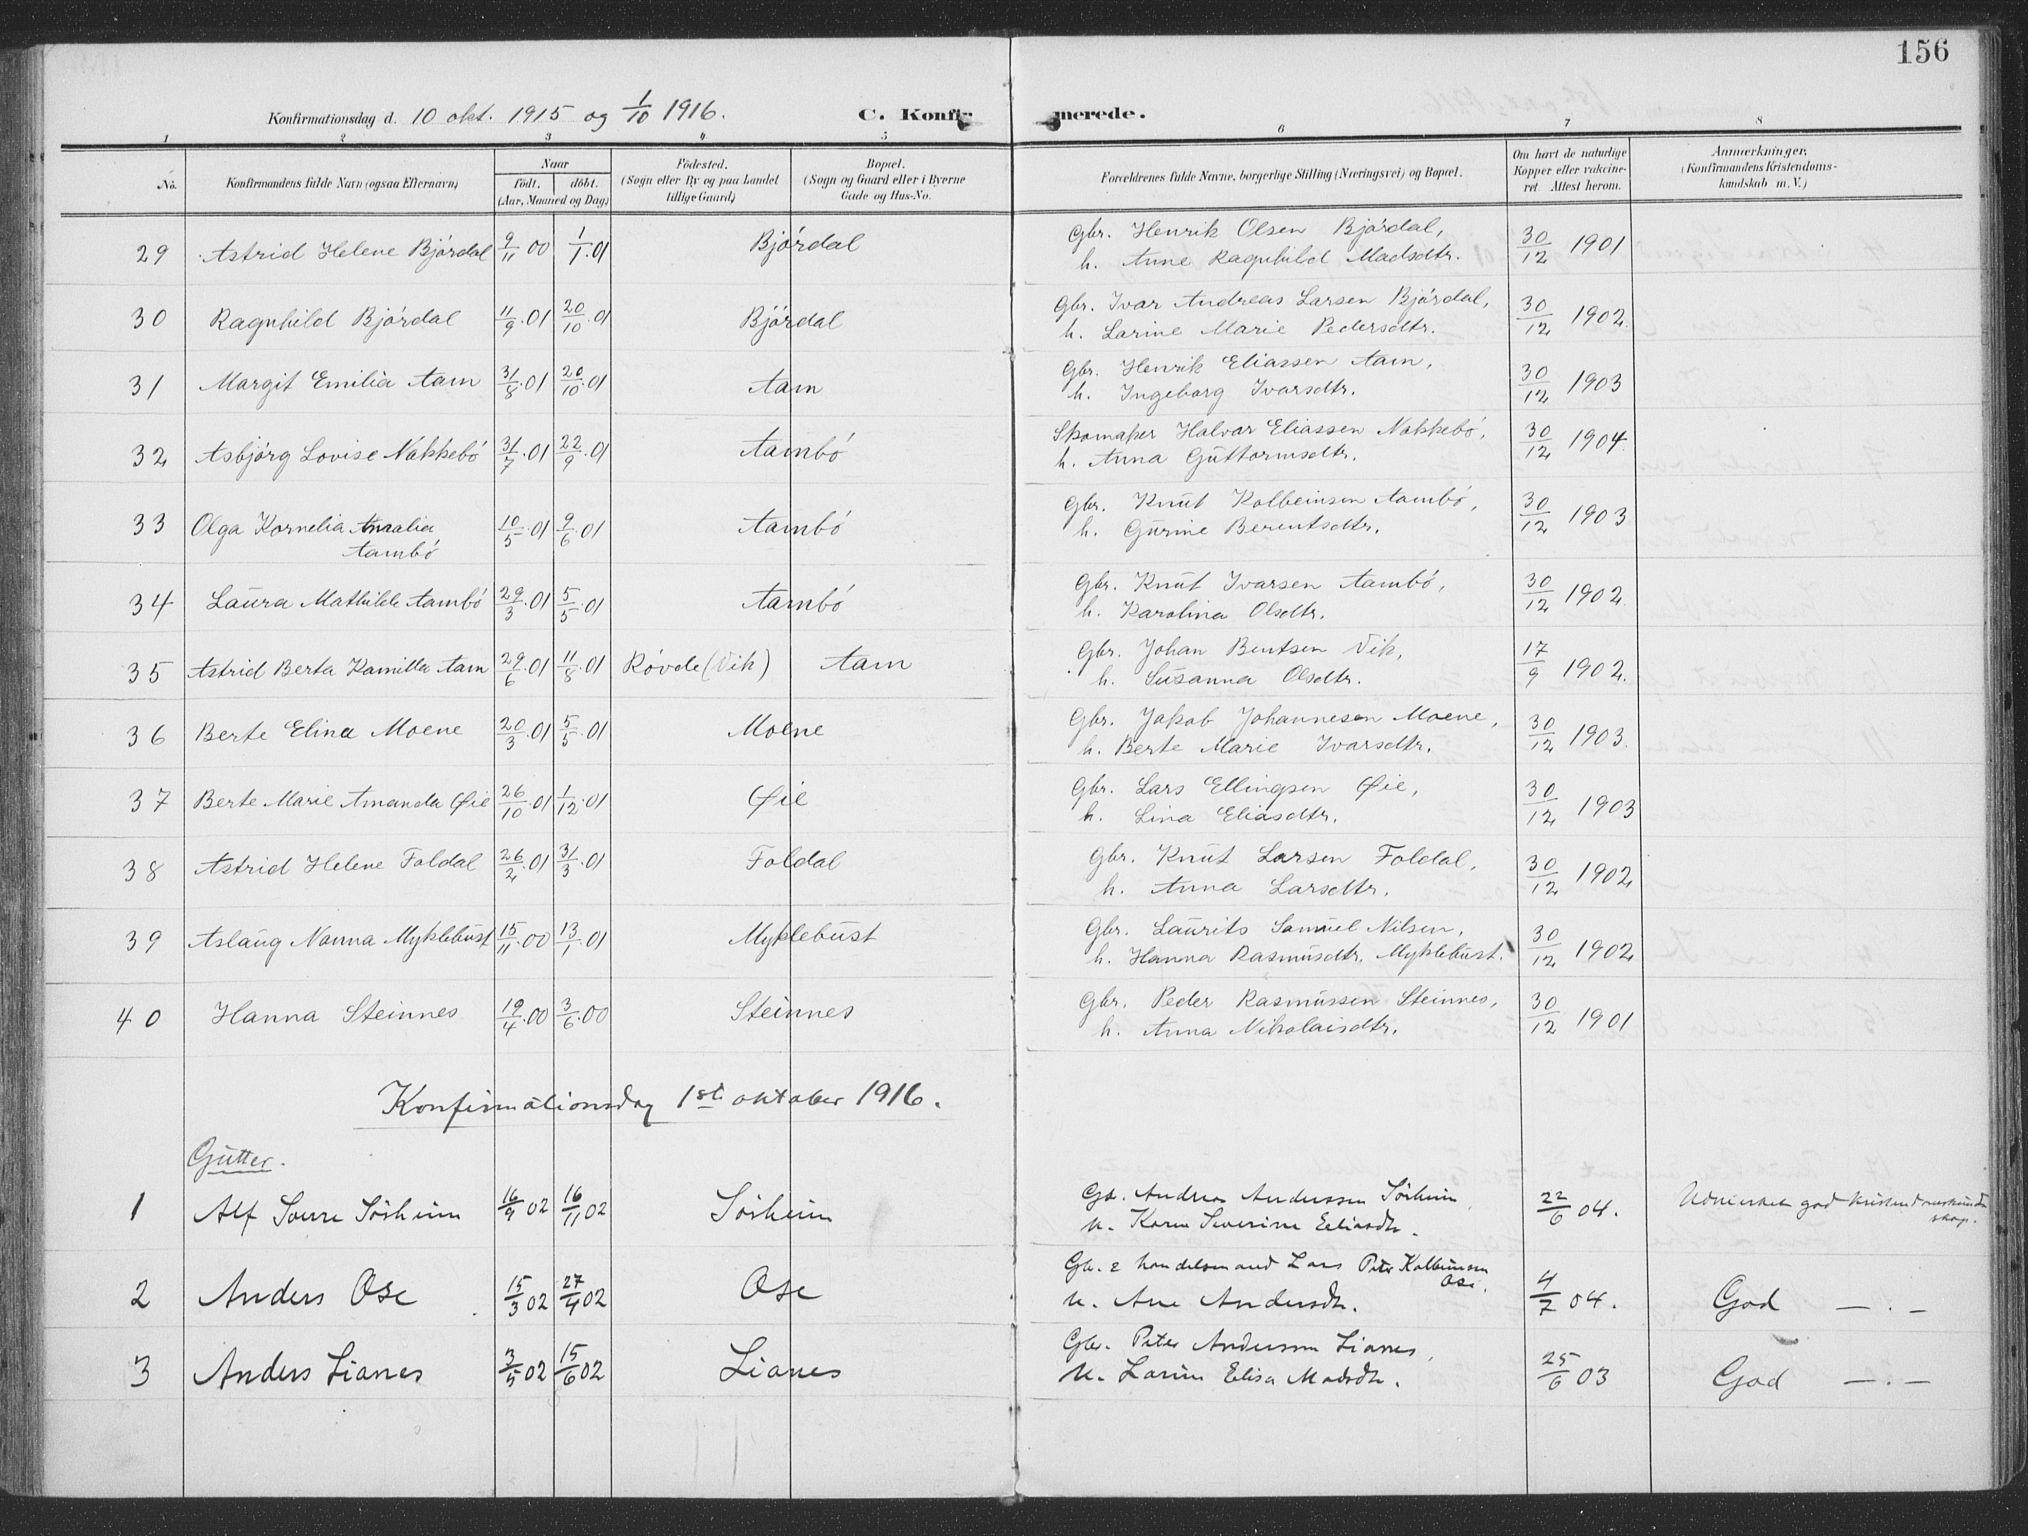 SAT, Ministerialprotokoller, klokkerbøker og fødselsregistre - Møre og Romsdal, 513/L0178: Ministerialbok nr. 513A05, 1906-1919, s. 156